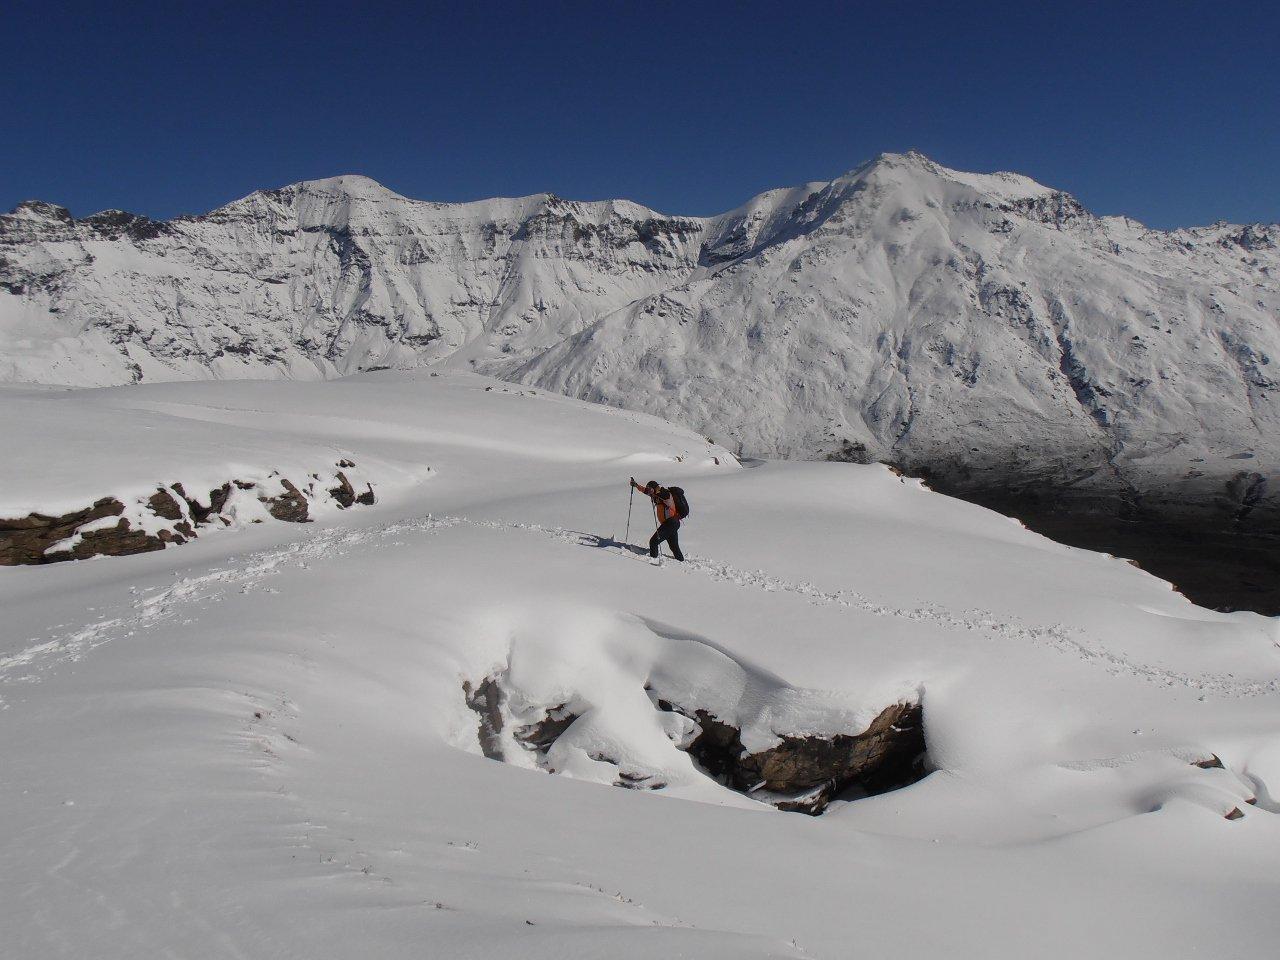 02 - salita con tanta neve pesante da tracciare